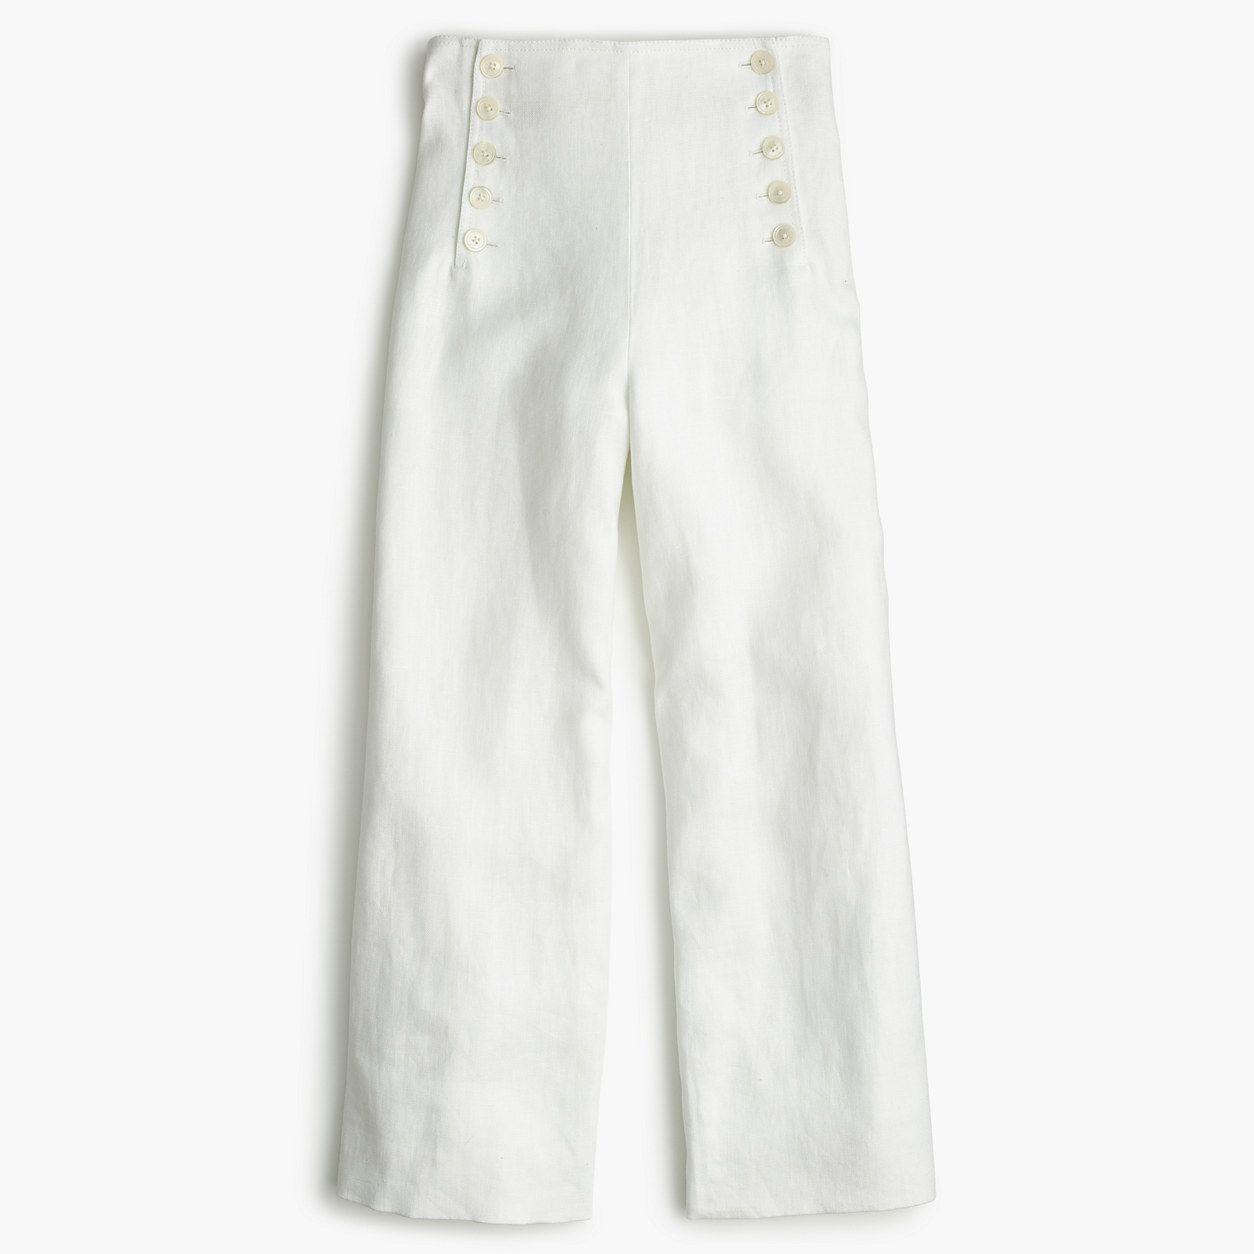 276e9999 J.Crew Womens Petite Sailor Pant In Heavy Linen (Size 000 Petite ...